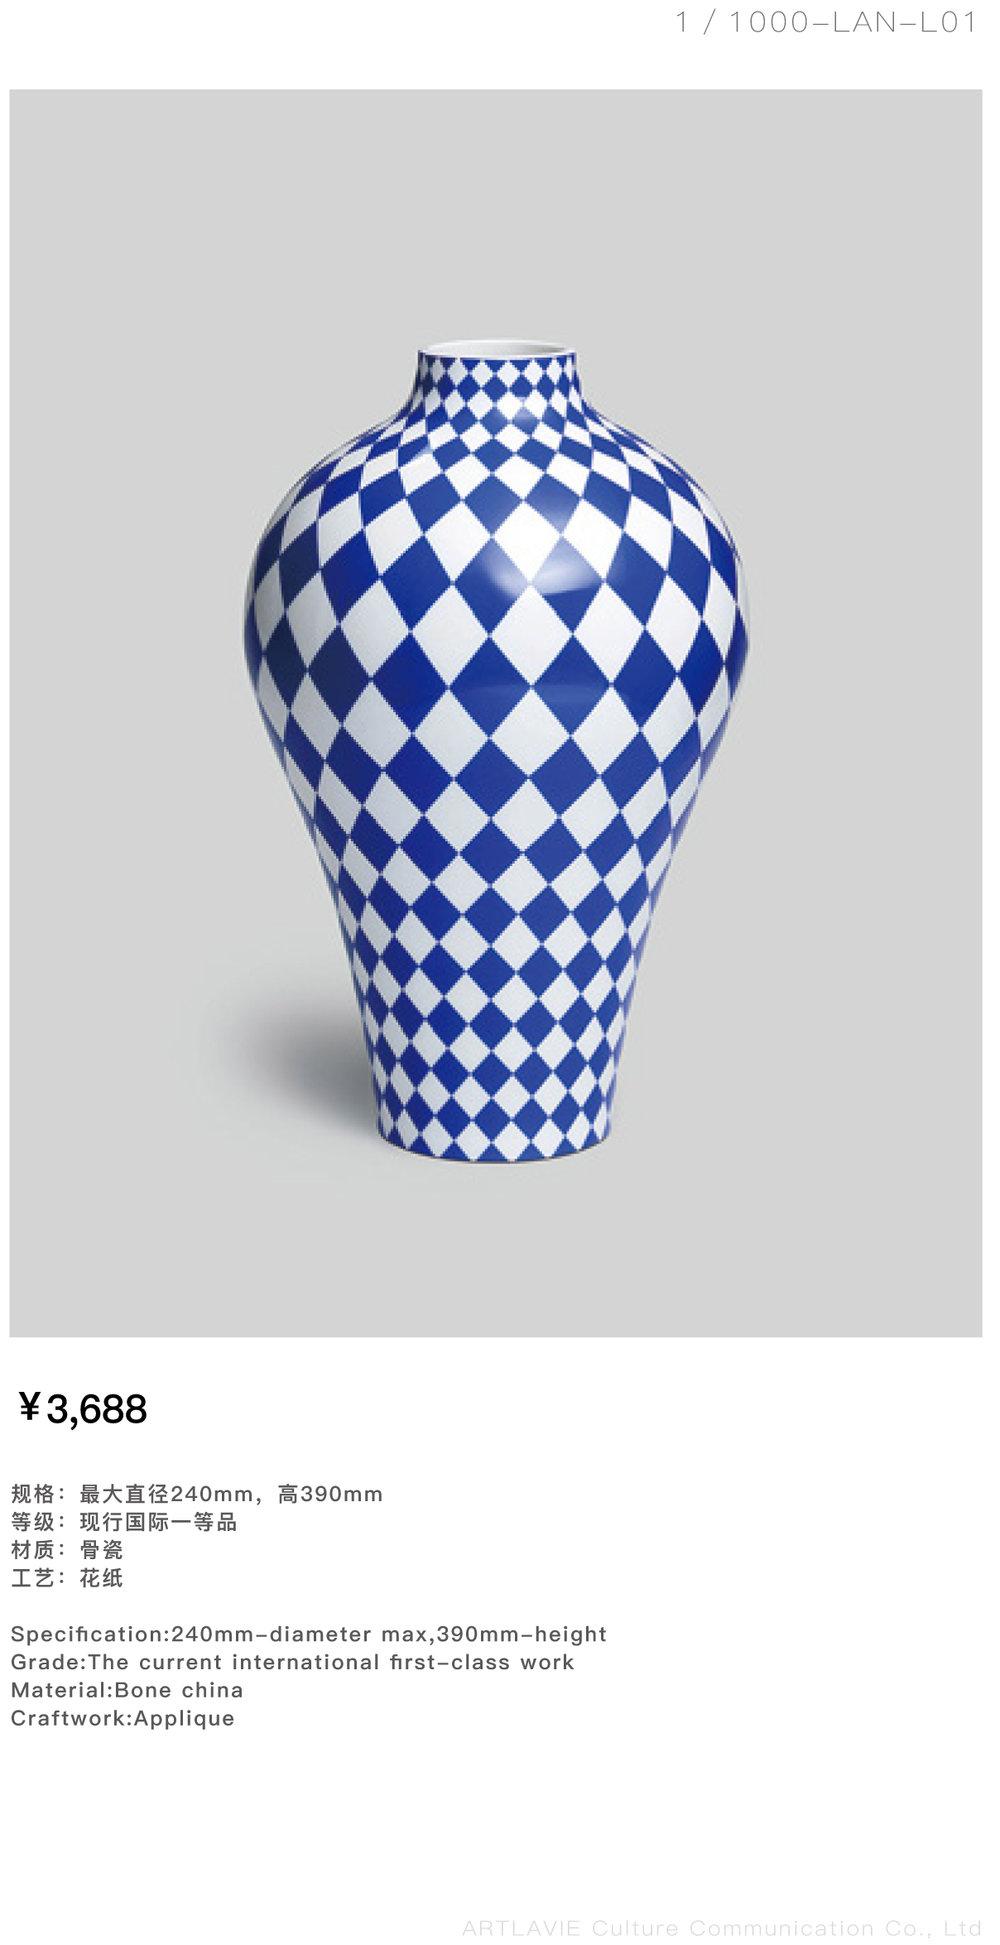 千分之一系列花瓶目录-3.jpg